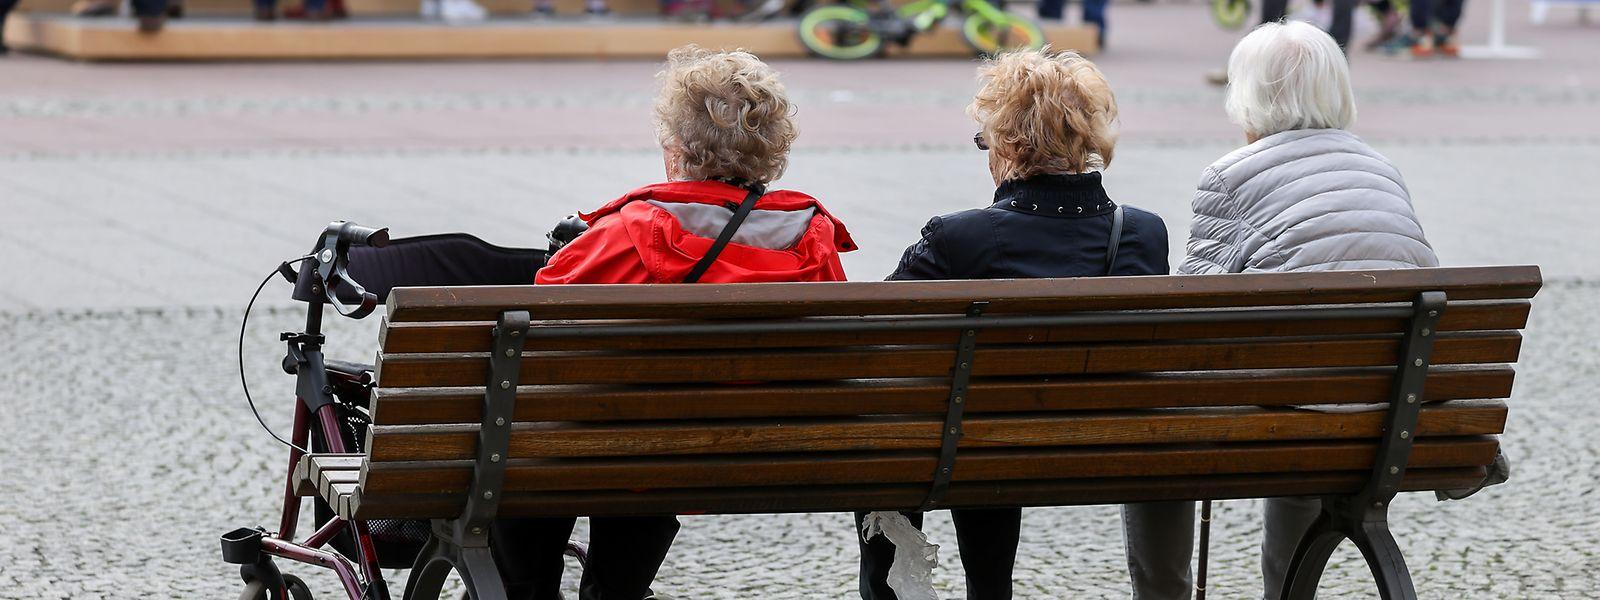 Les plus de 60 ans représentent plus de 95% des victimes du virus au Grand-Duché.